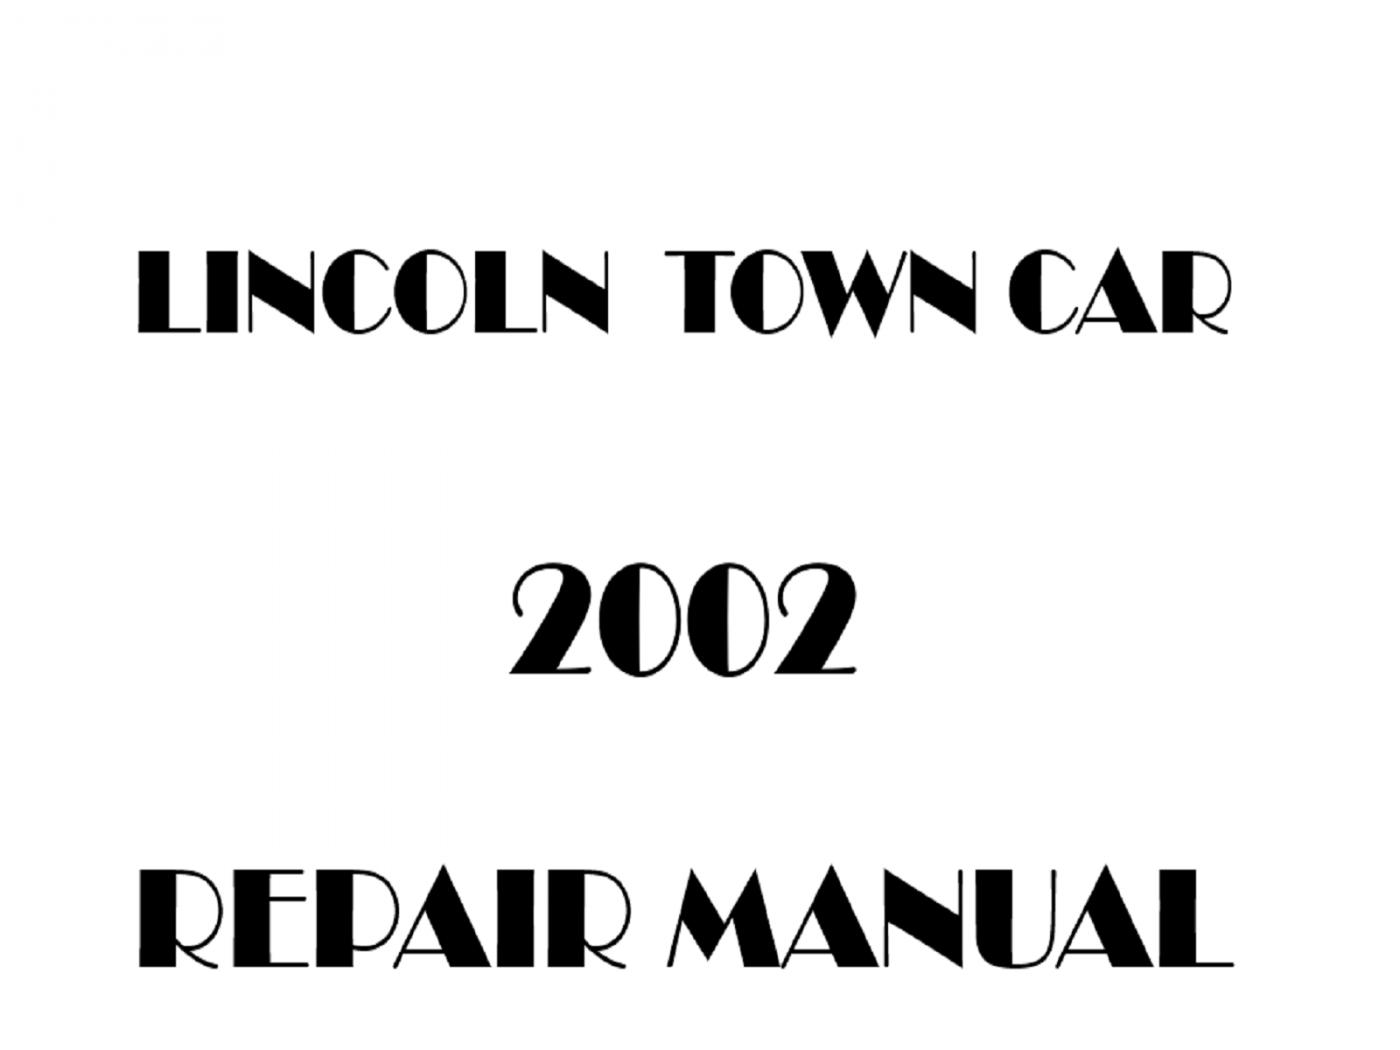 2002 Lincoln Town Car repair manual